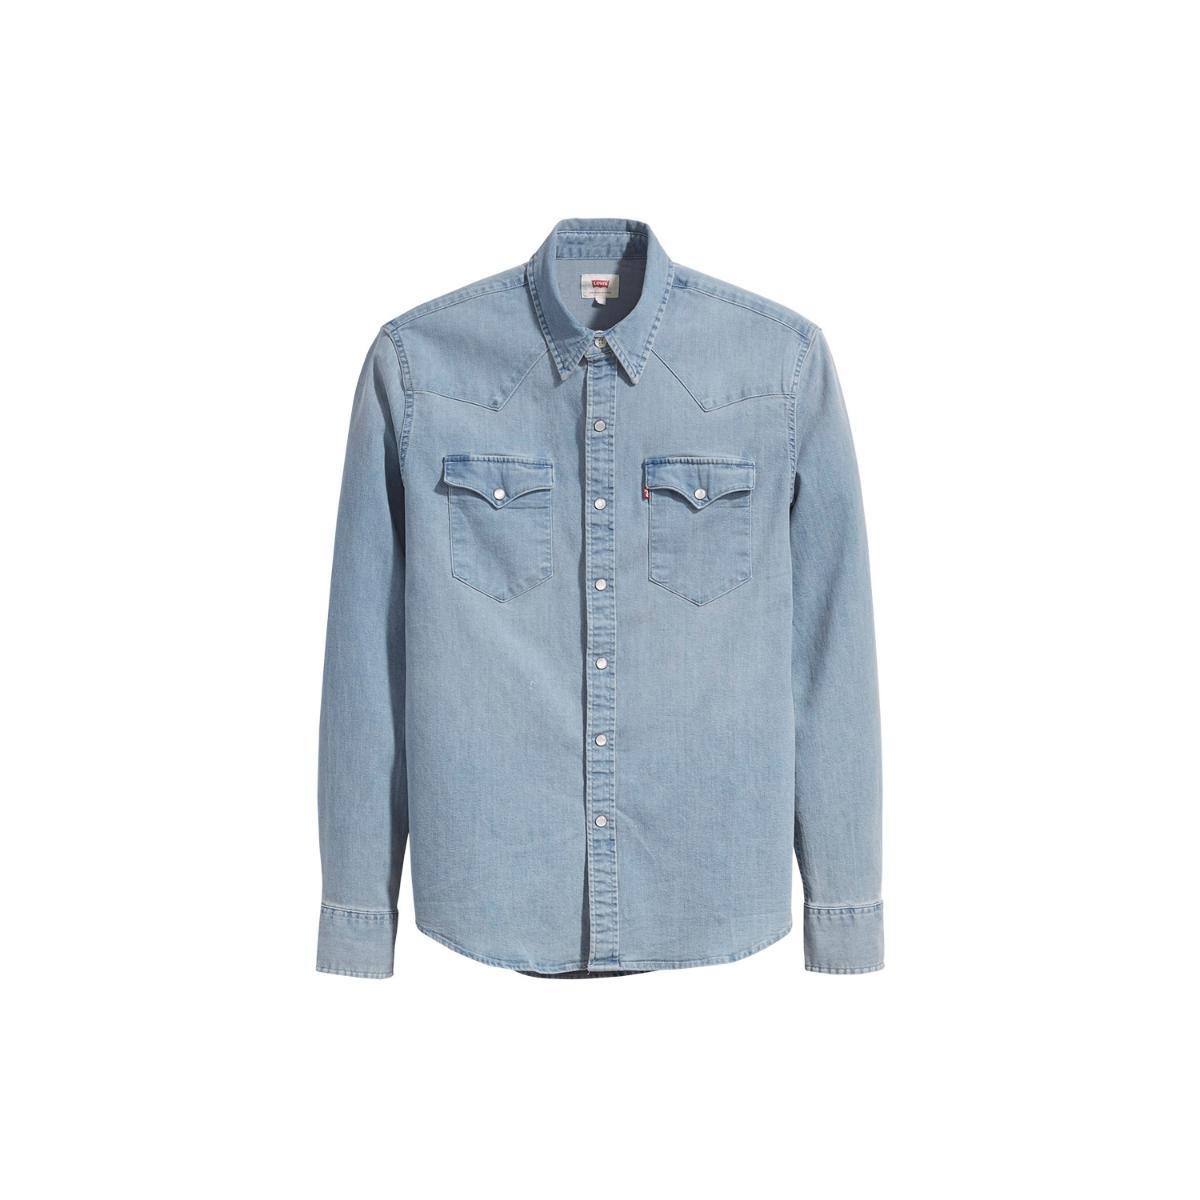 c76f5c37dc camisa jeans levis classic western lavagem clara. Carregando zoom.